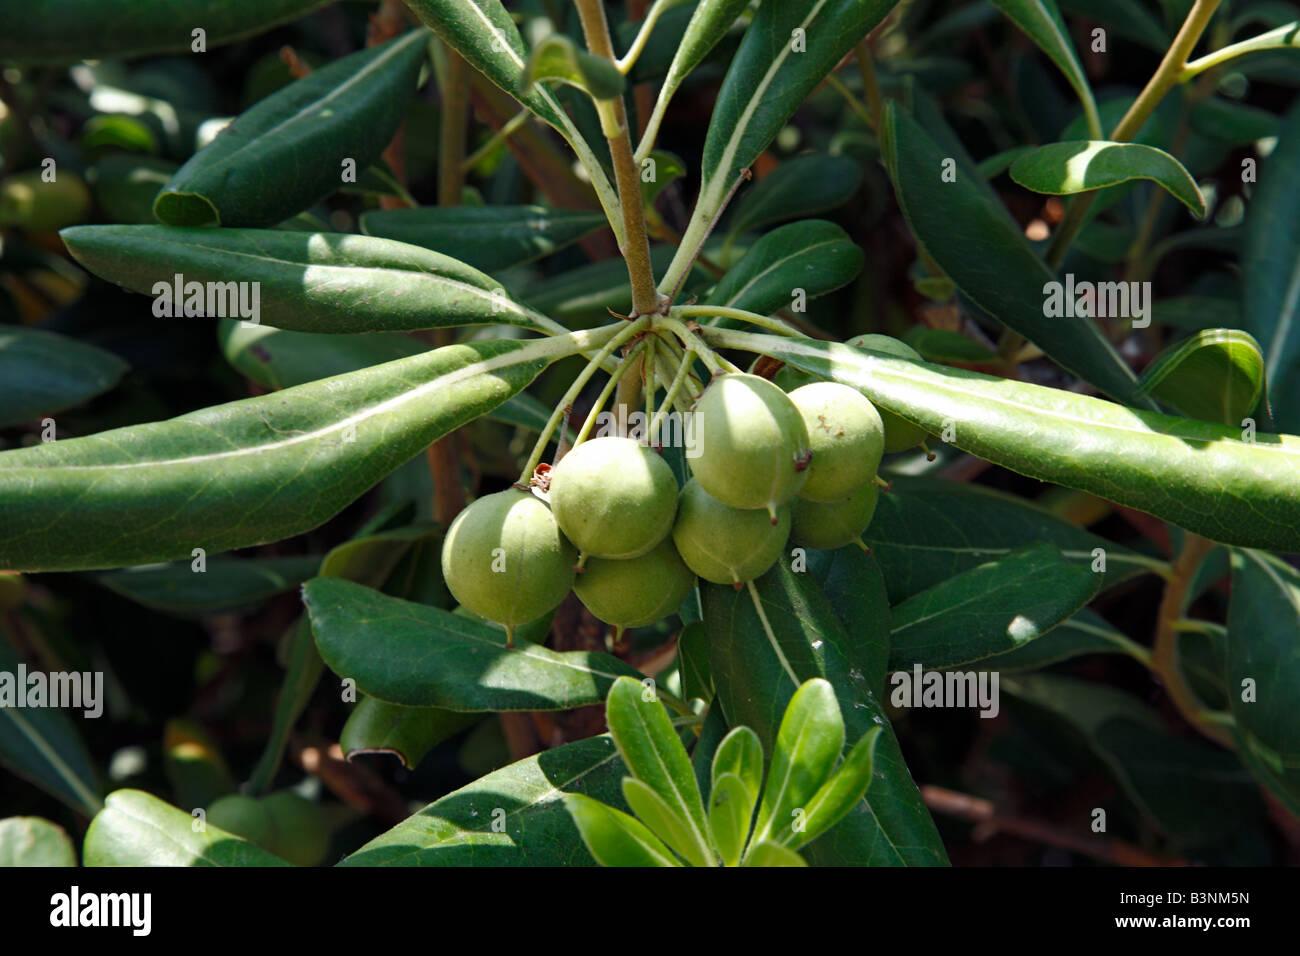 Natur, Pflanzen, Oelbaumgewaechse, Oleaceae, Oelbaum, Olea, Echter Oelbaum, Oliven am Olivenbaum, Olea europaea Stock Photo